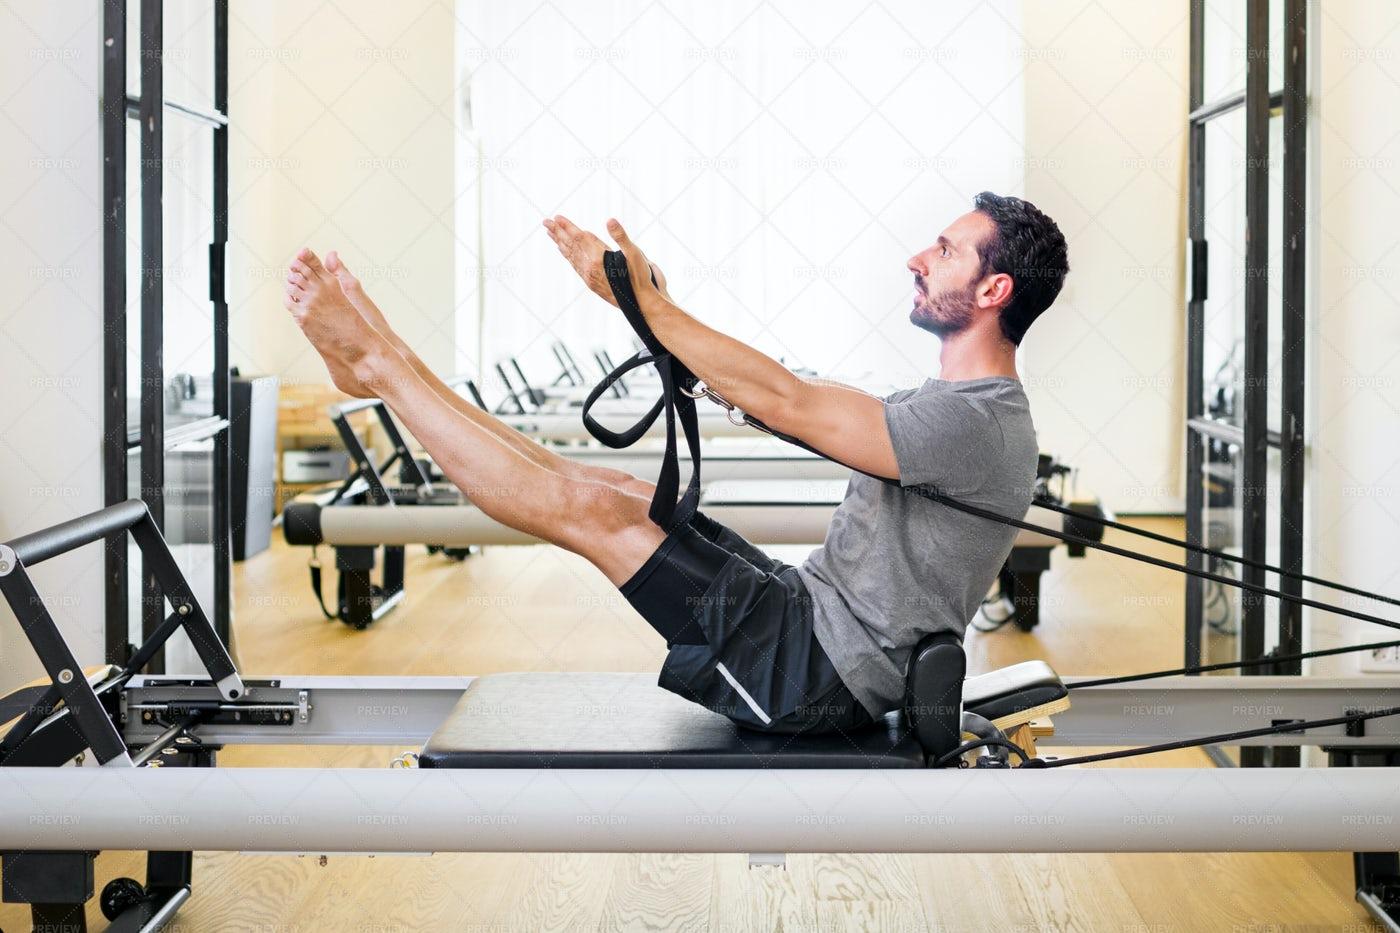 Muscular Man Doing  Pilates Exercise: Stock Photos